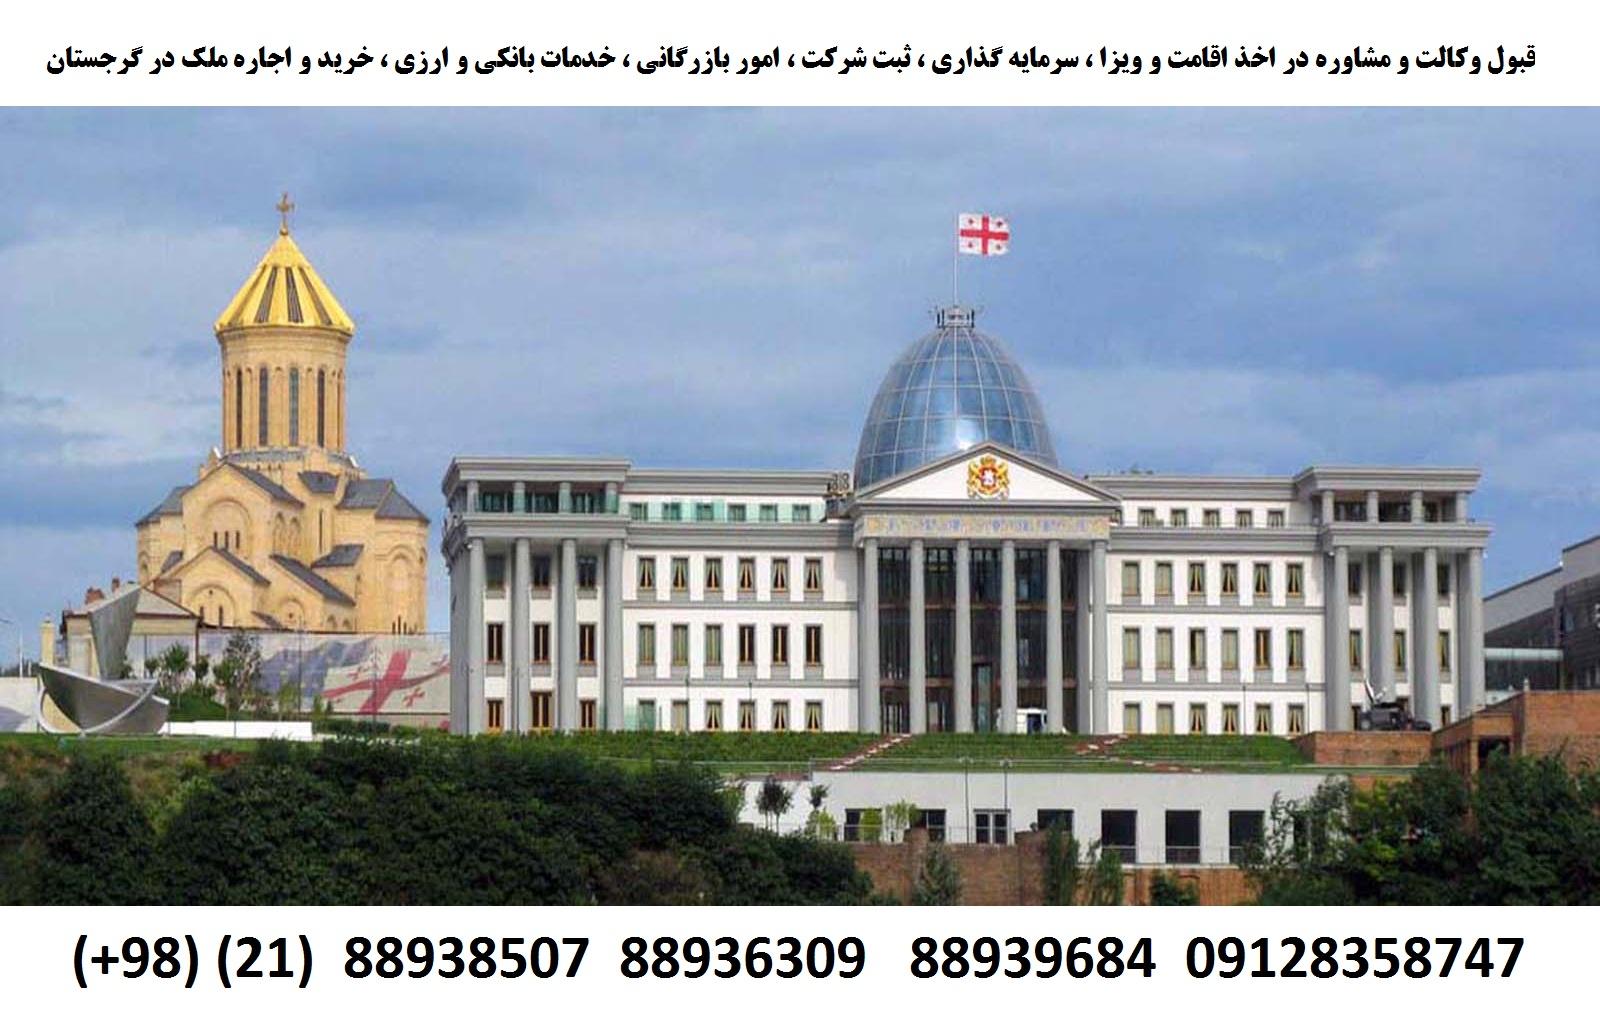 اقامت ، ویزا ، ثبت شرکت ، سرمایه گذاری در گرجستان (4)